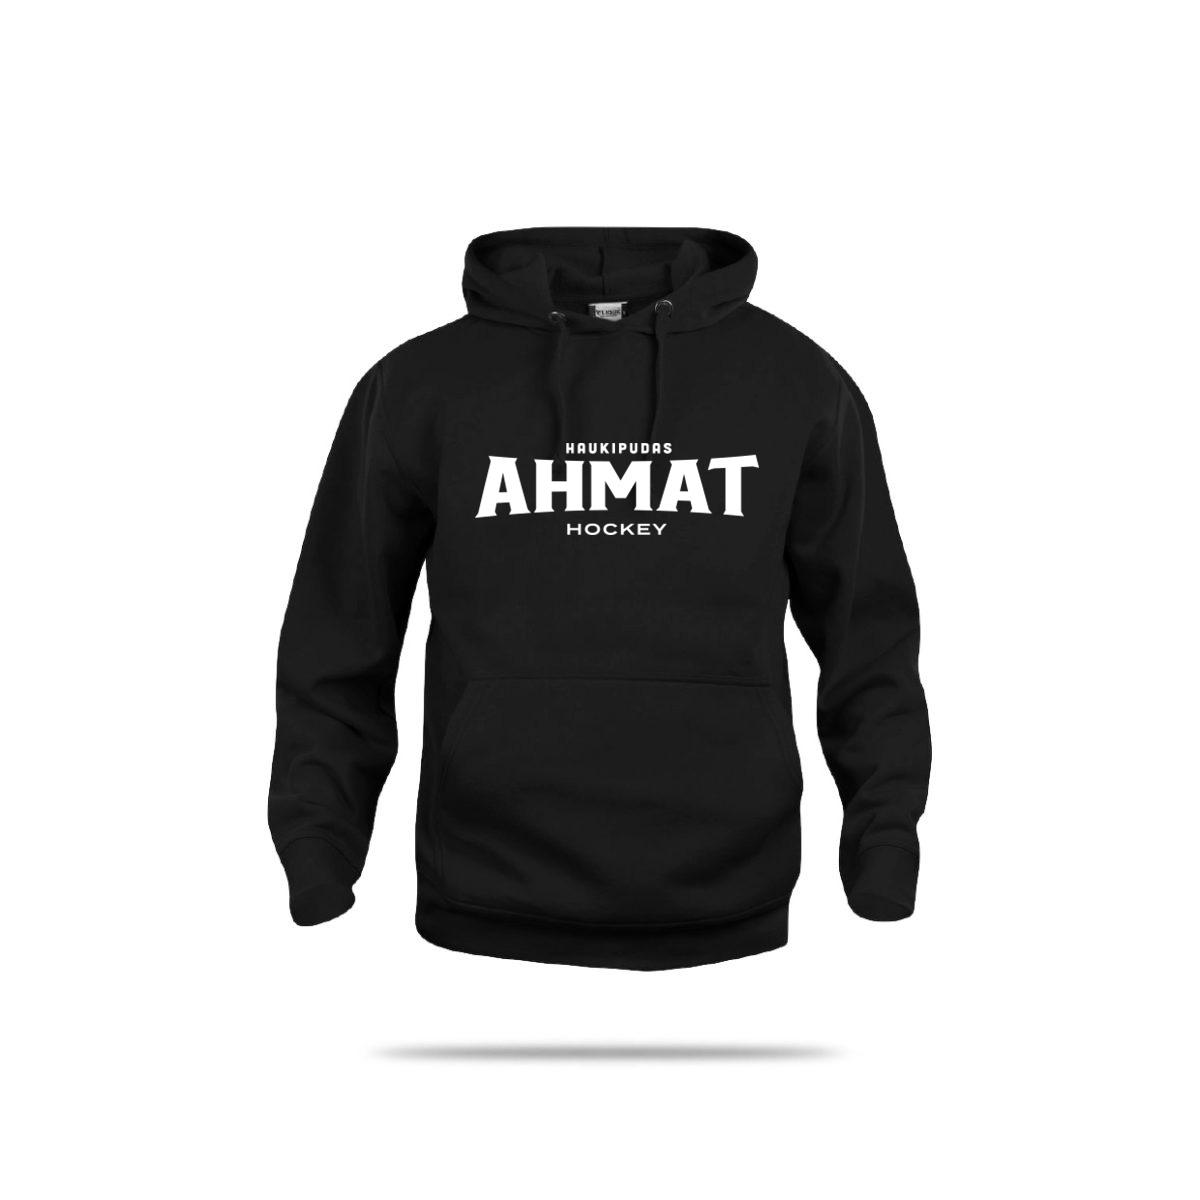 Ahmat-fani-3022-musta-text